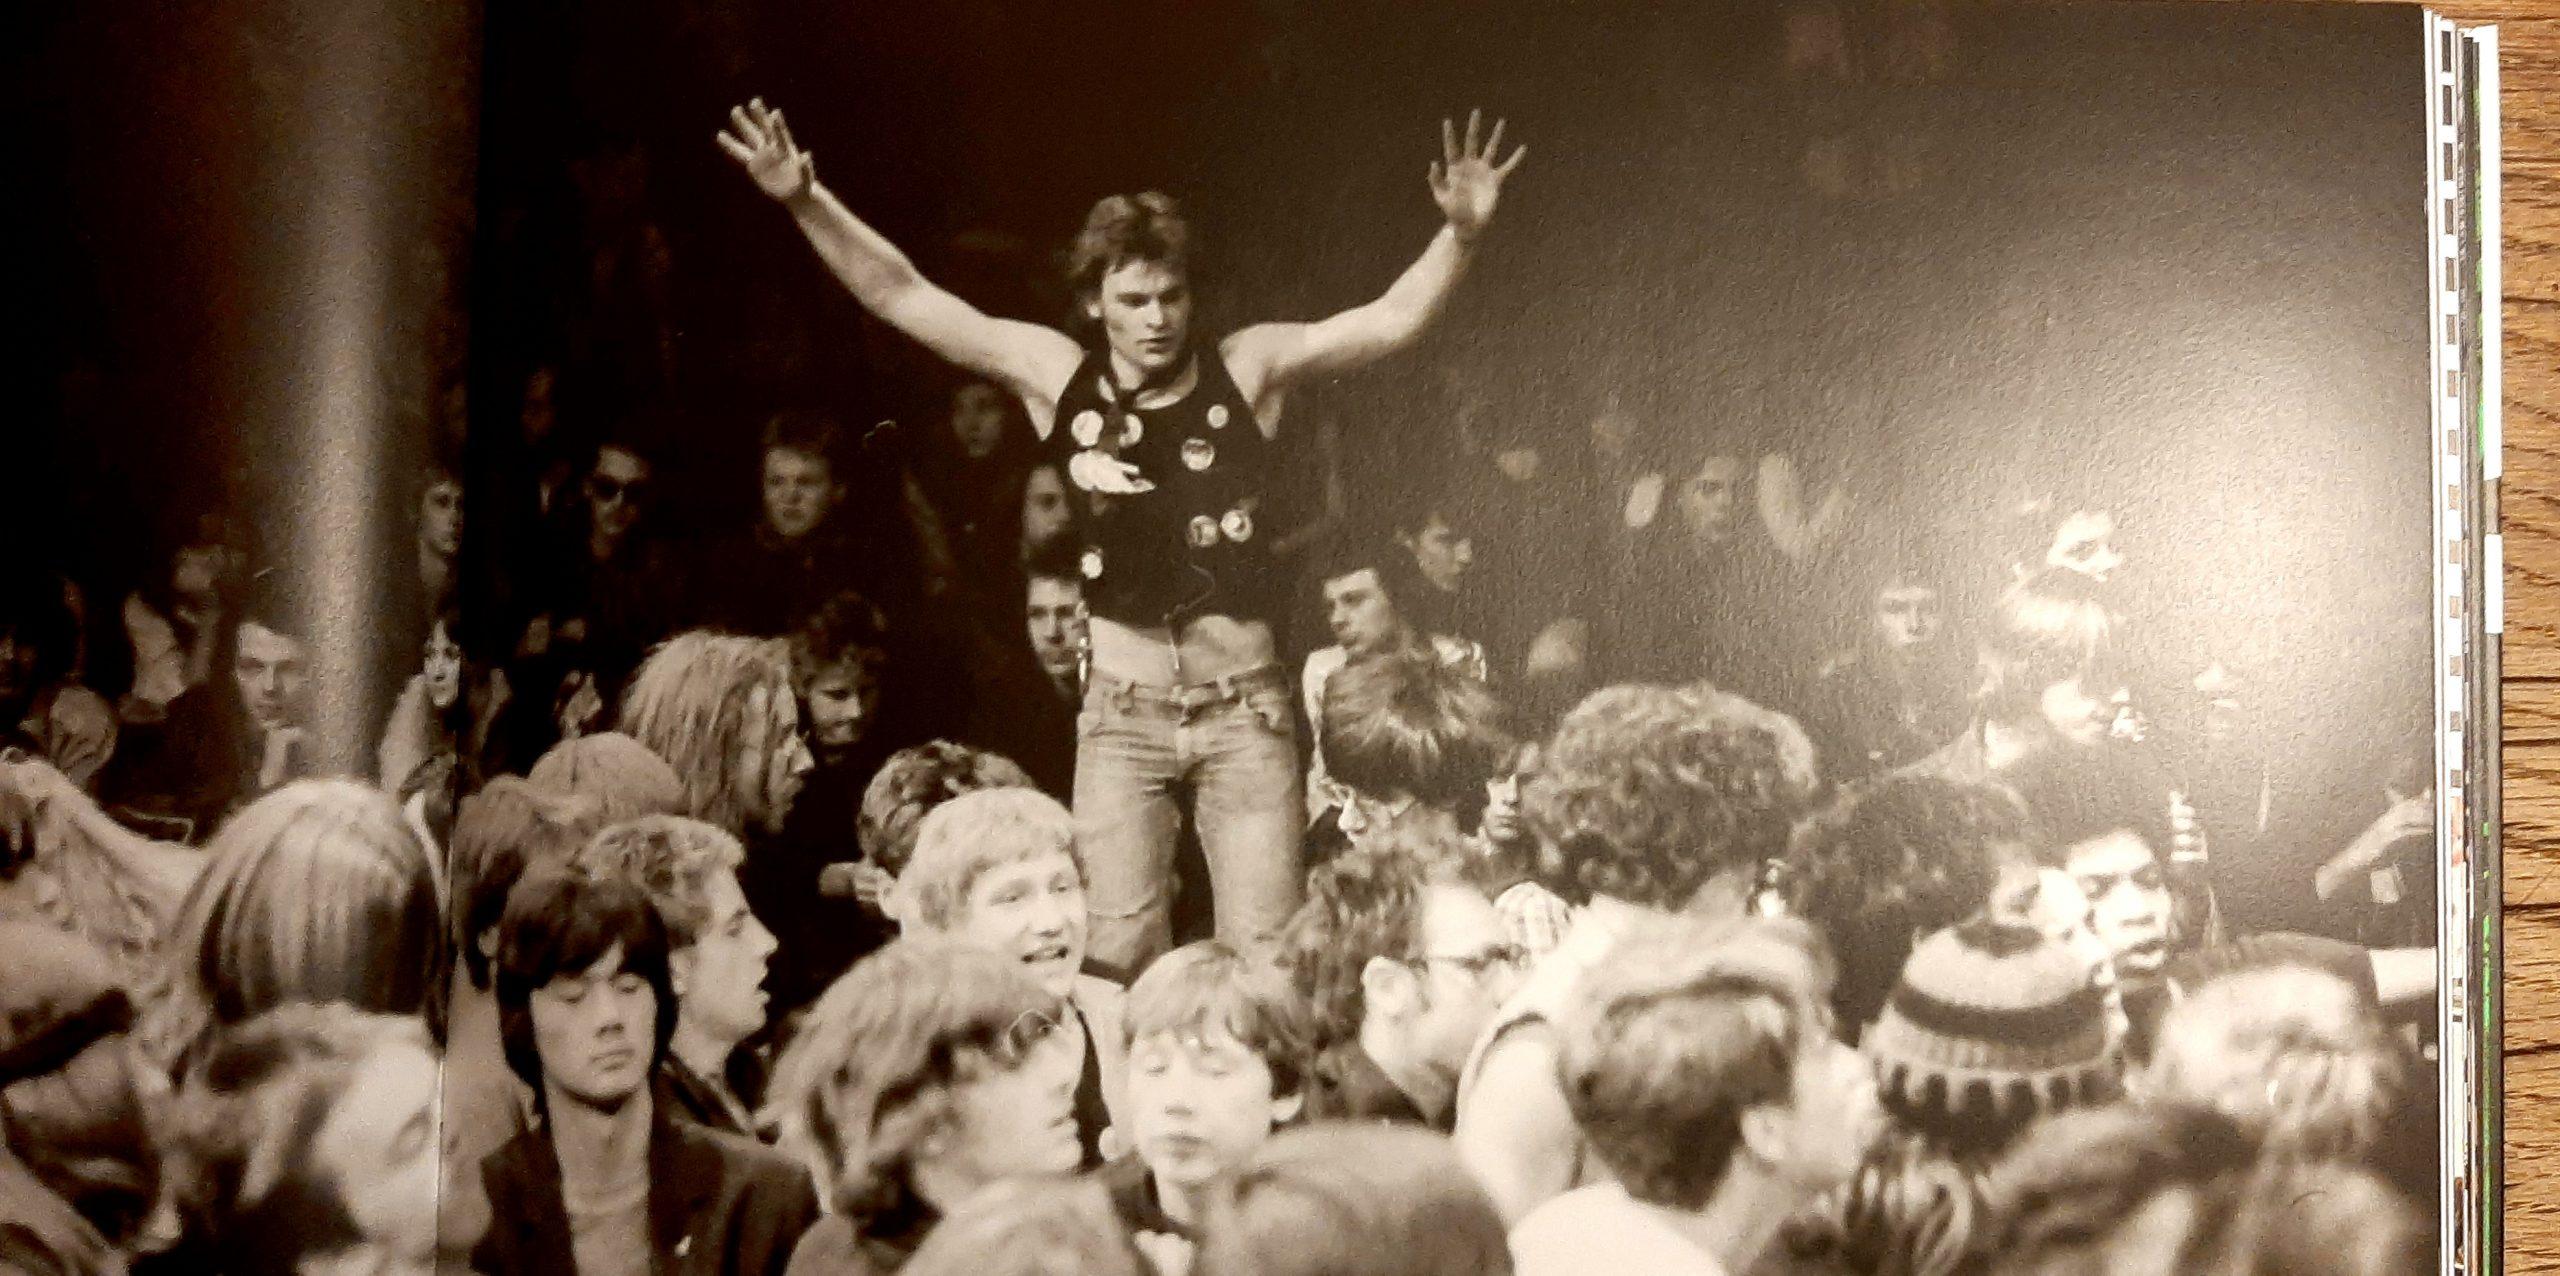 Punk, Szene, Hamburg, 70er, 80er, Markthalle, Musik, Hamburg Calling, Junius Verlag, Alf Burchardt, Bernd Jonkmnanns